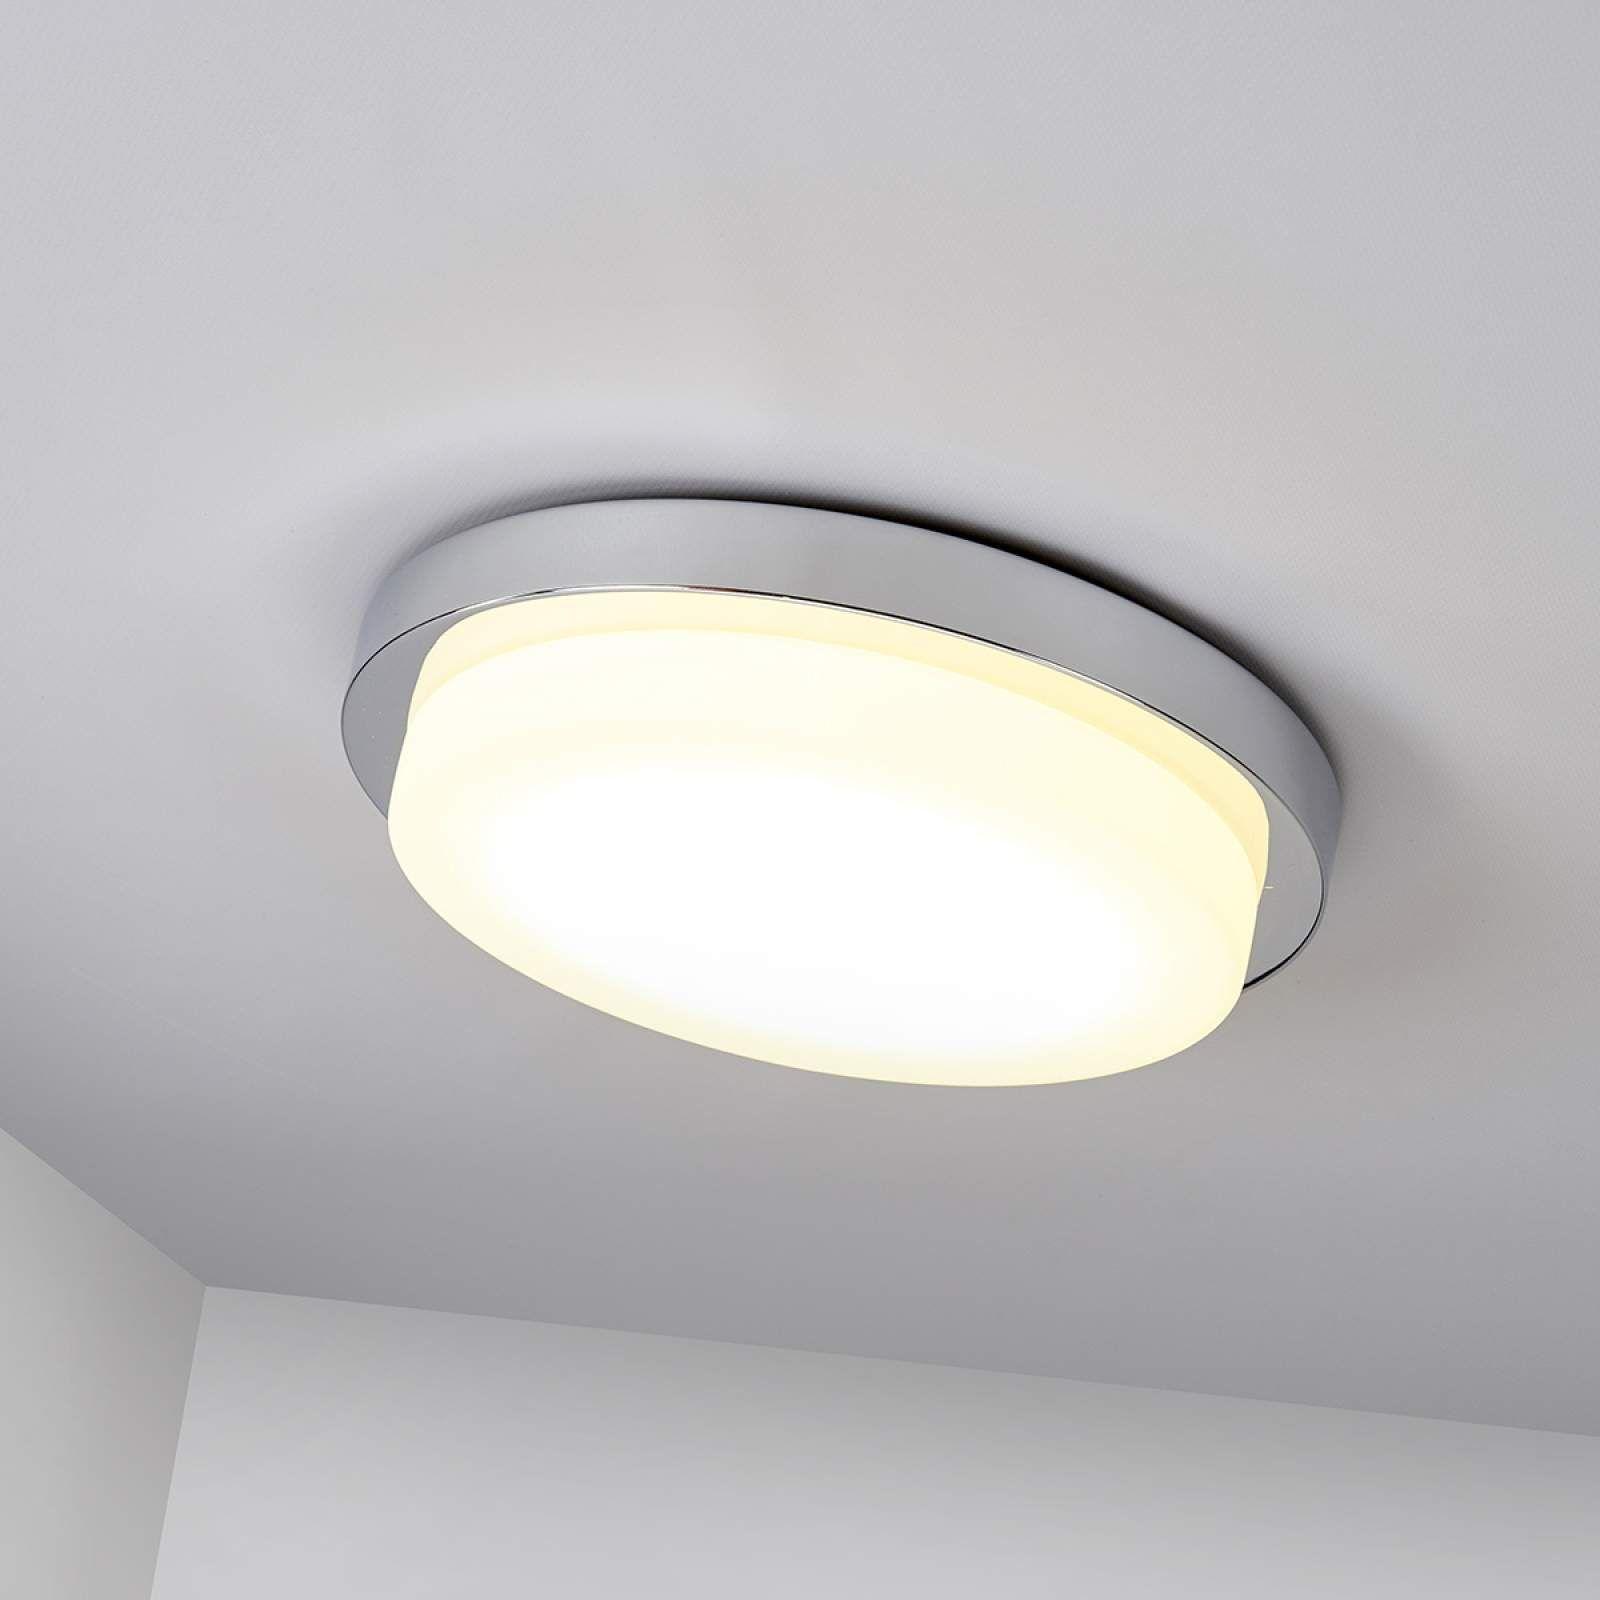 Moderne Deckenleuchte Von Lampenwelt Com Silber Led Deckenlampen Badezimmerlampe Und Deckenlampe